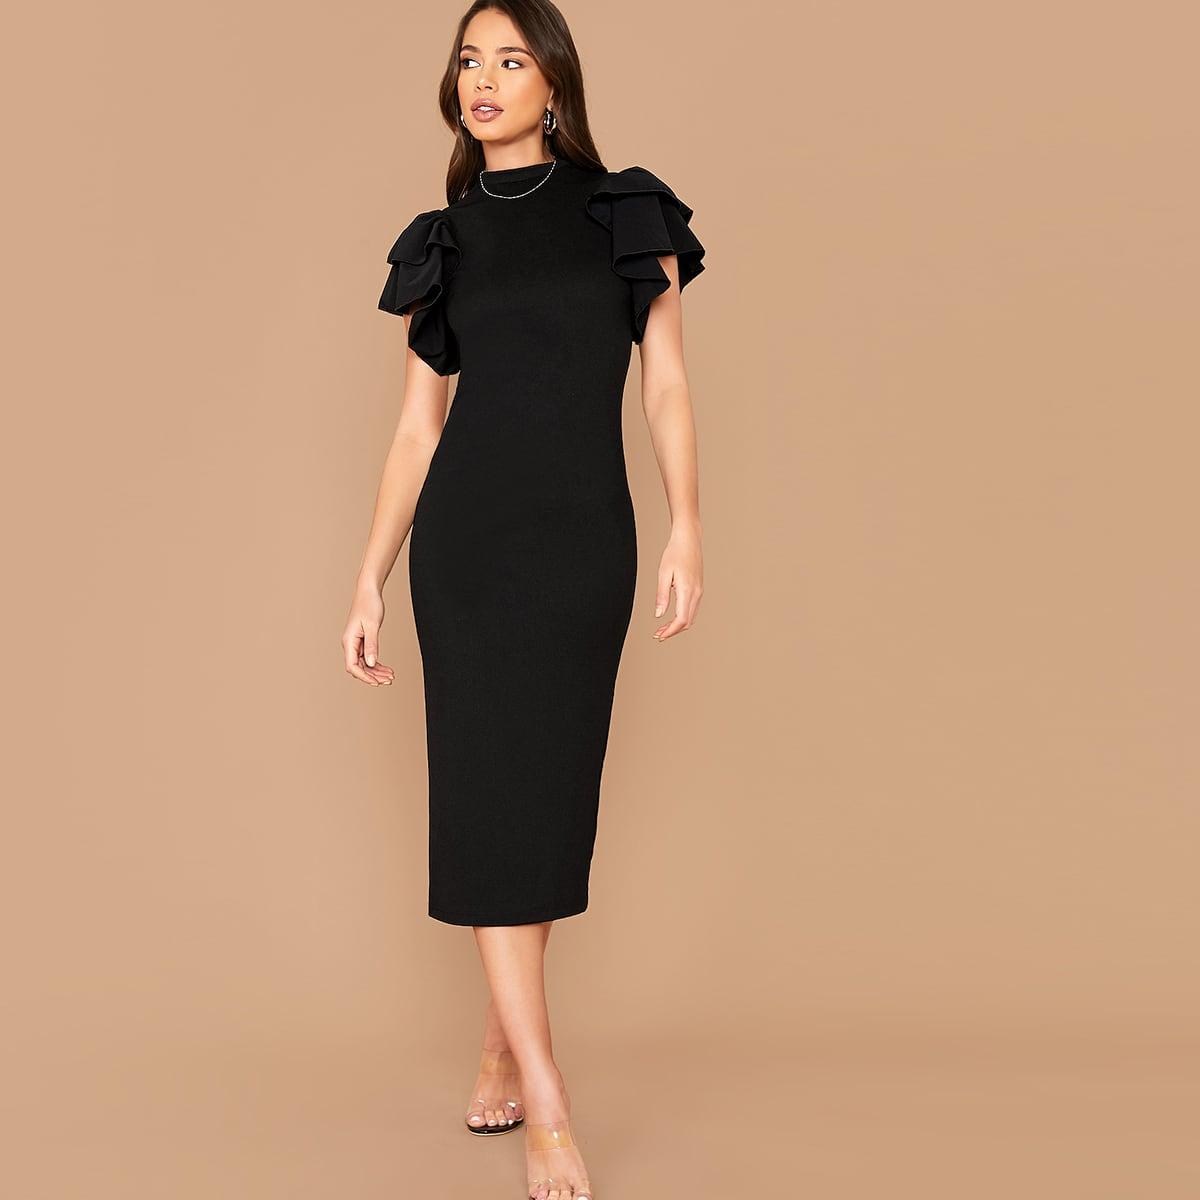 Облегающее платье с оригинальным рукавом Image